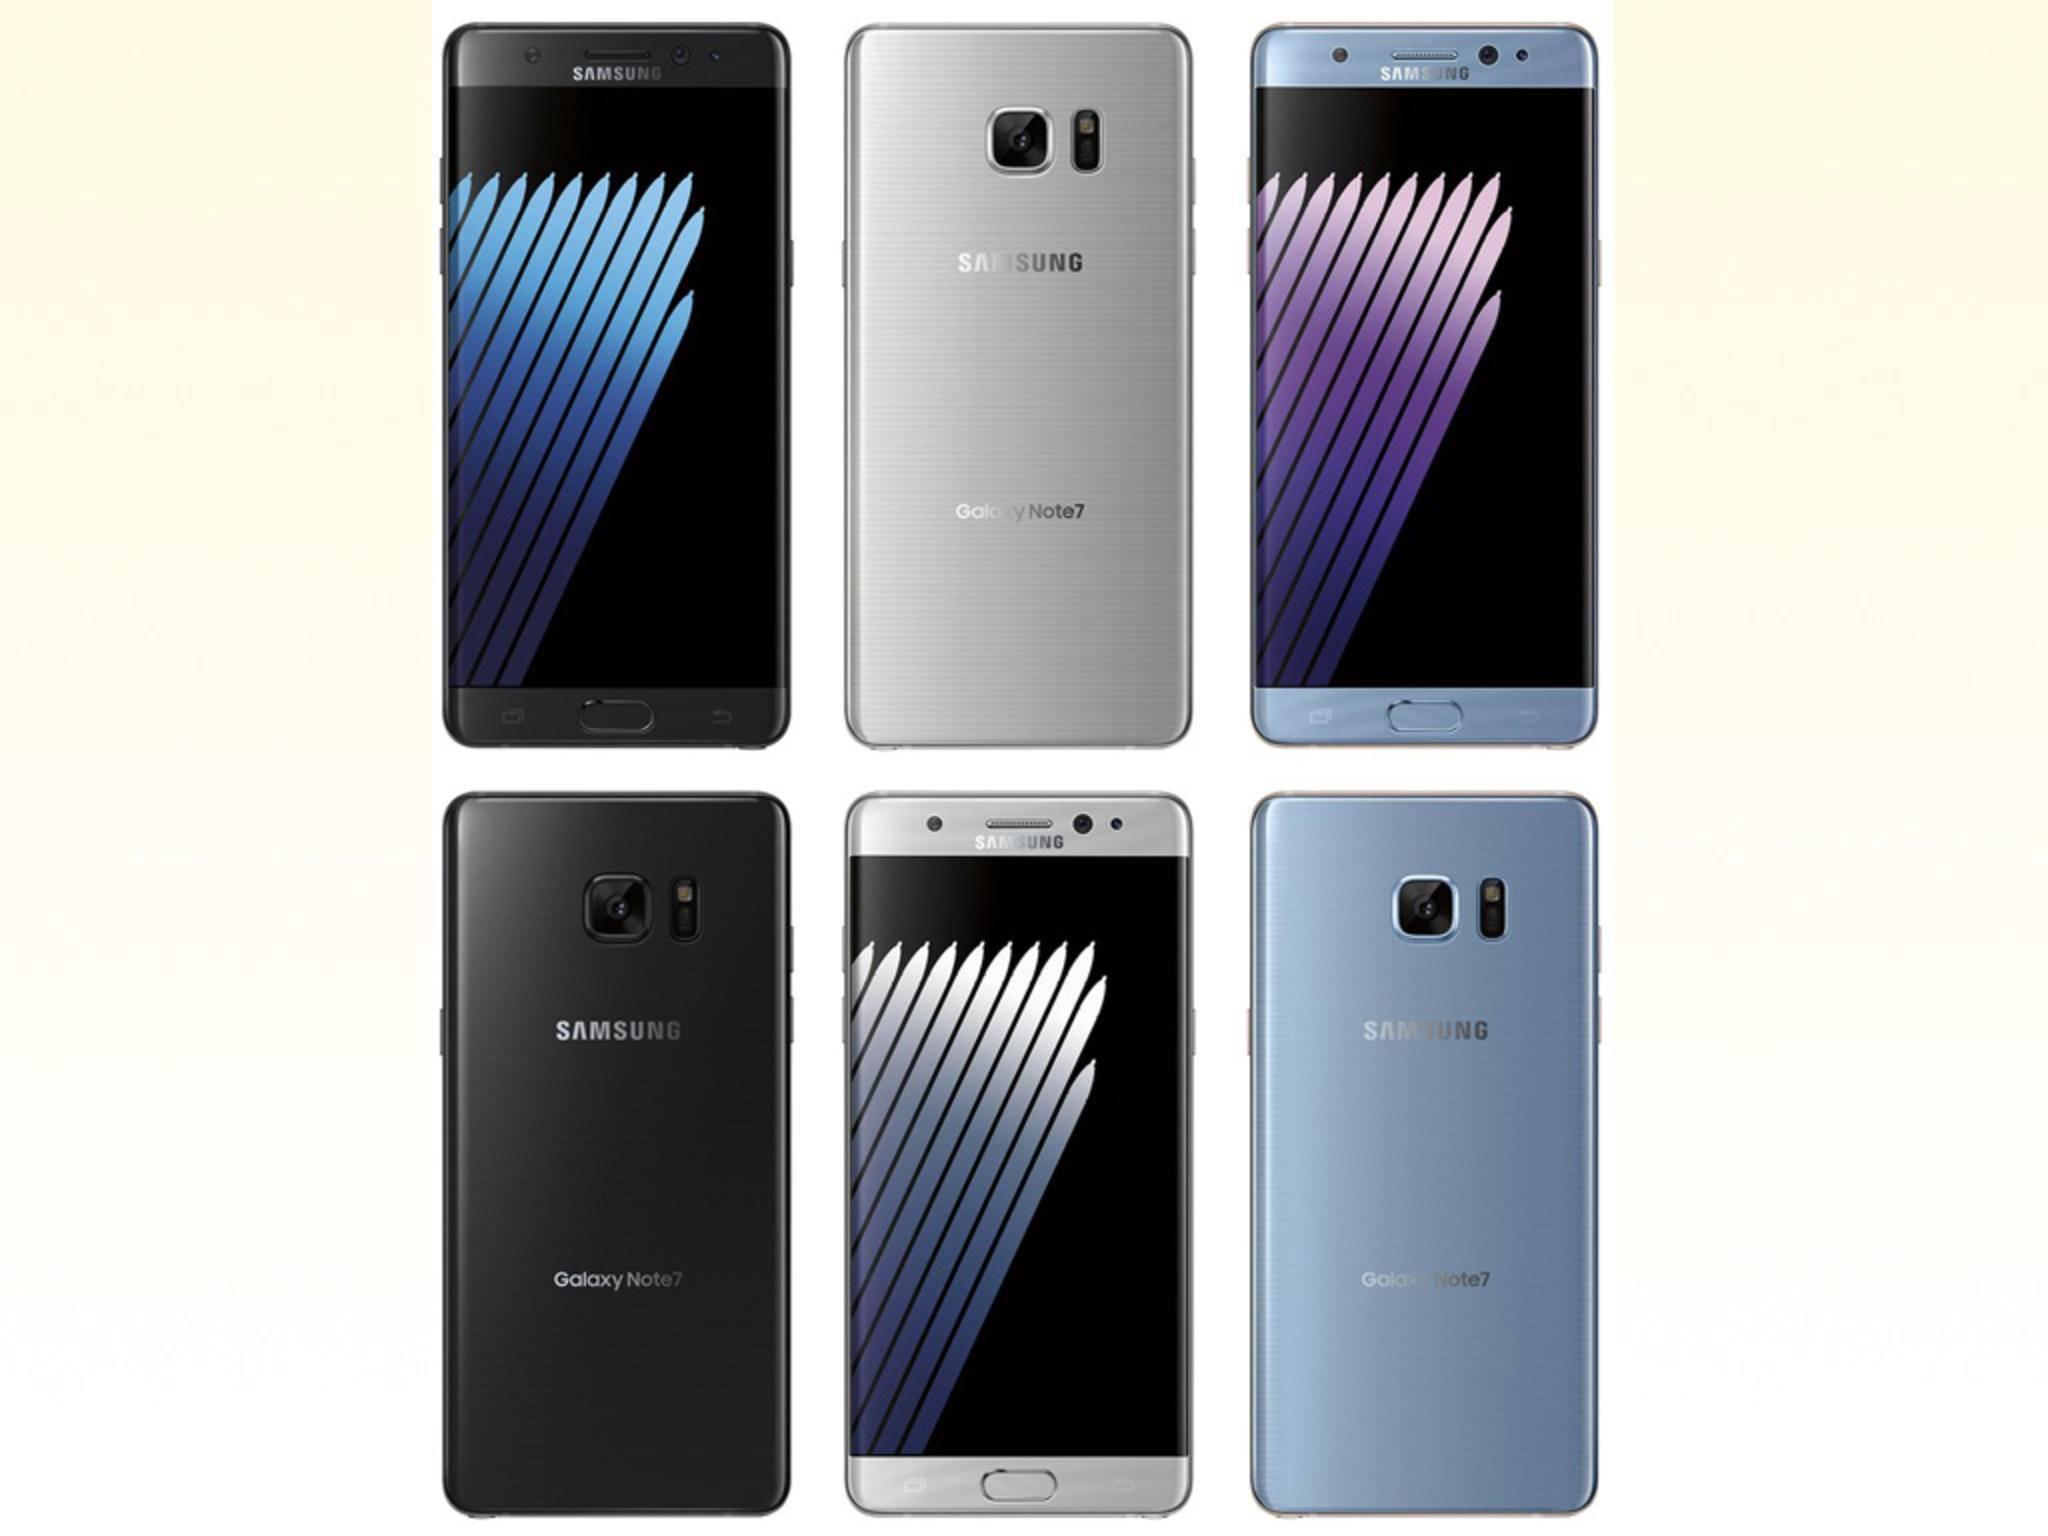 Einen Monat vor dem Release sickern erste Pressebilder des Galaxy Note 7 durch.